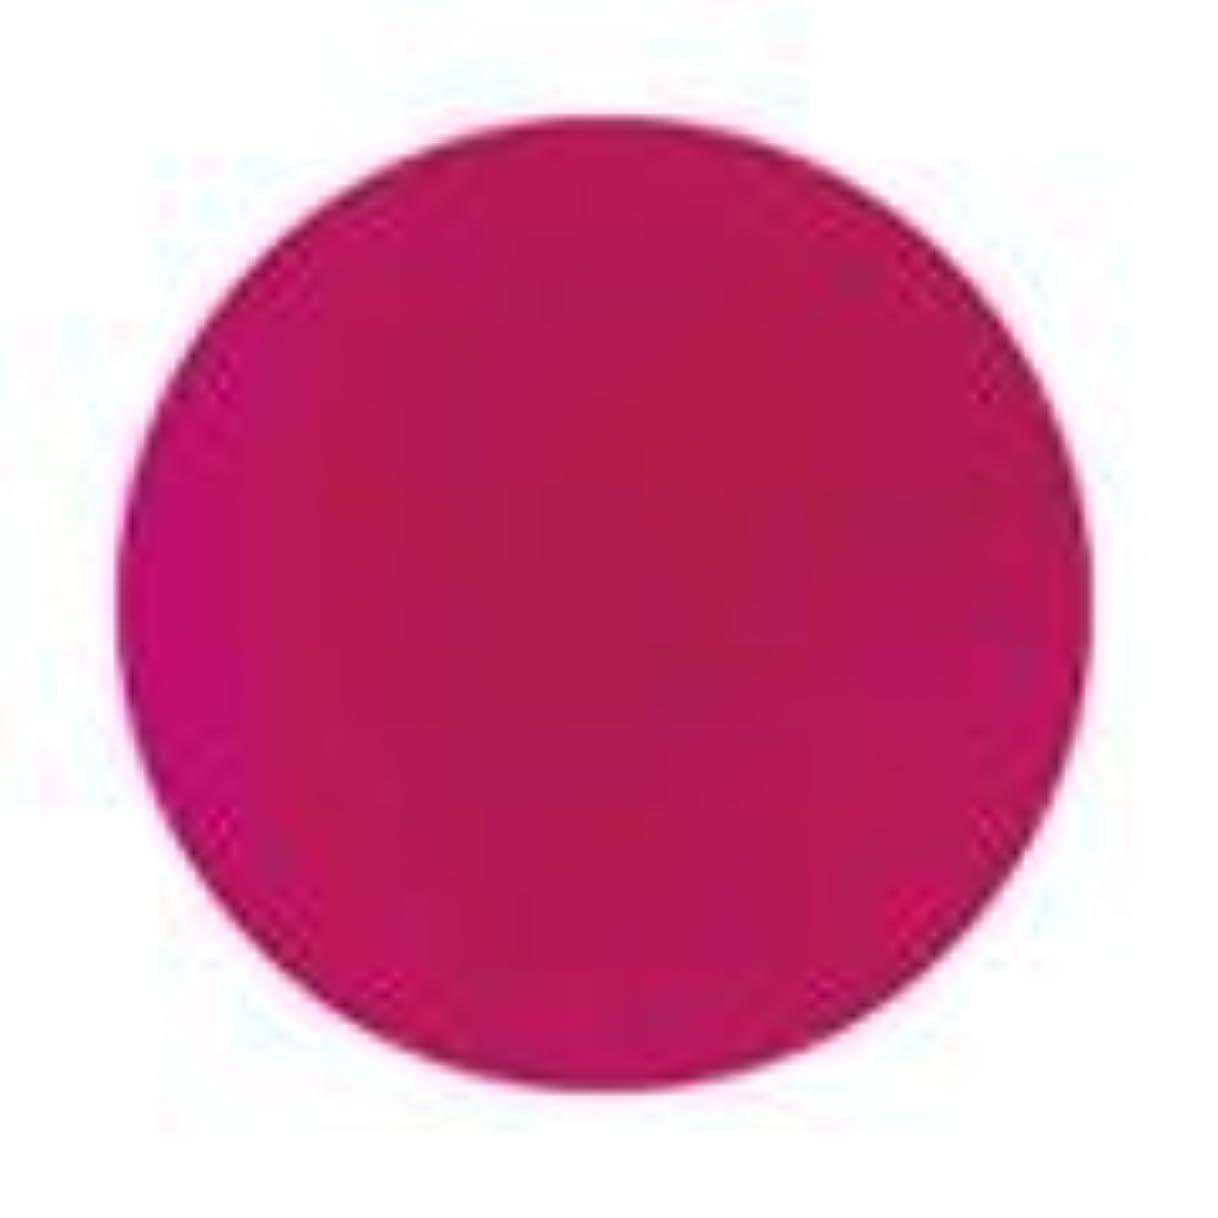 気性素人市場Jessica ジェレレーション カラー 15ml  463 パッションネイトキッシーズ